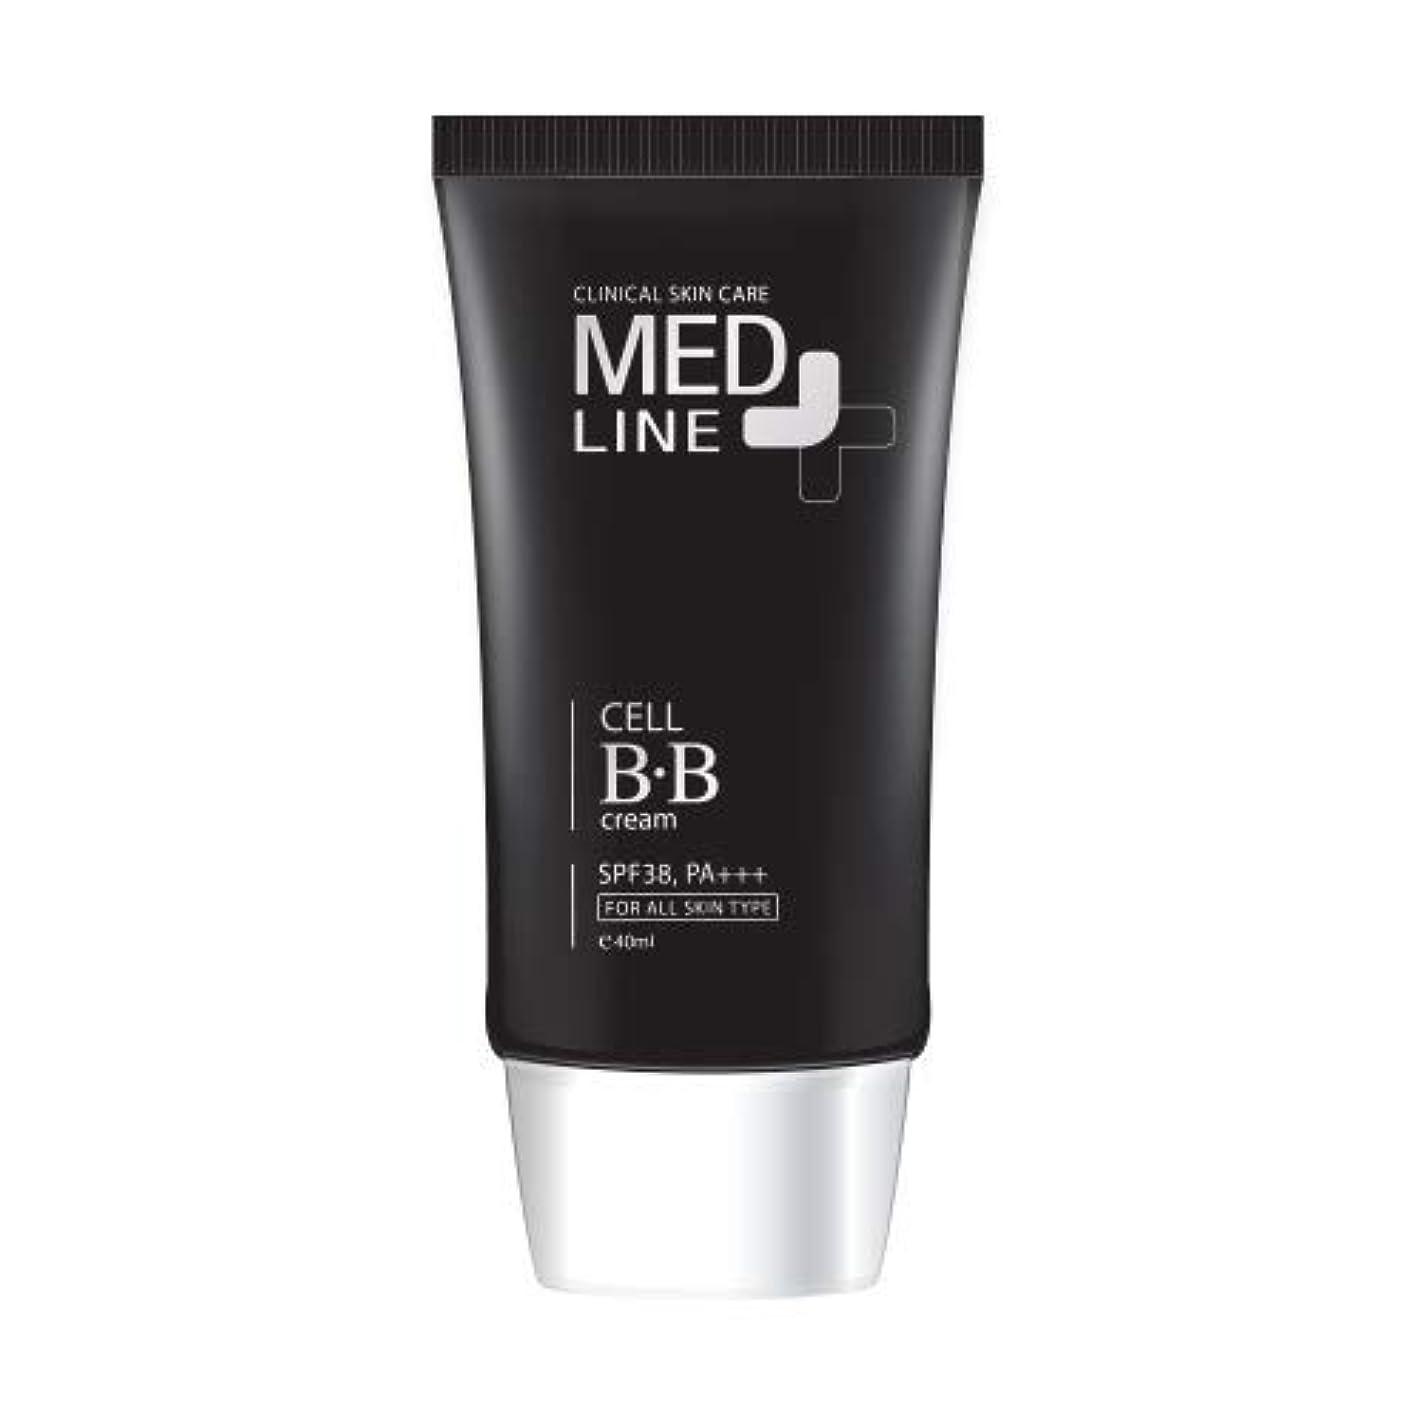 透明に集団リサイクルするメドライン(Med Line) セルBBクリーム(Cell B.B Cream)